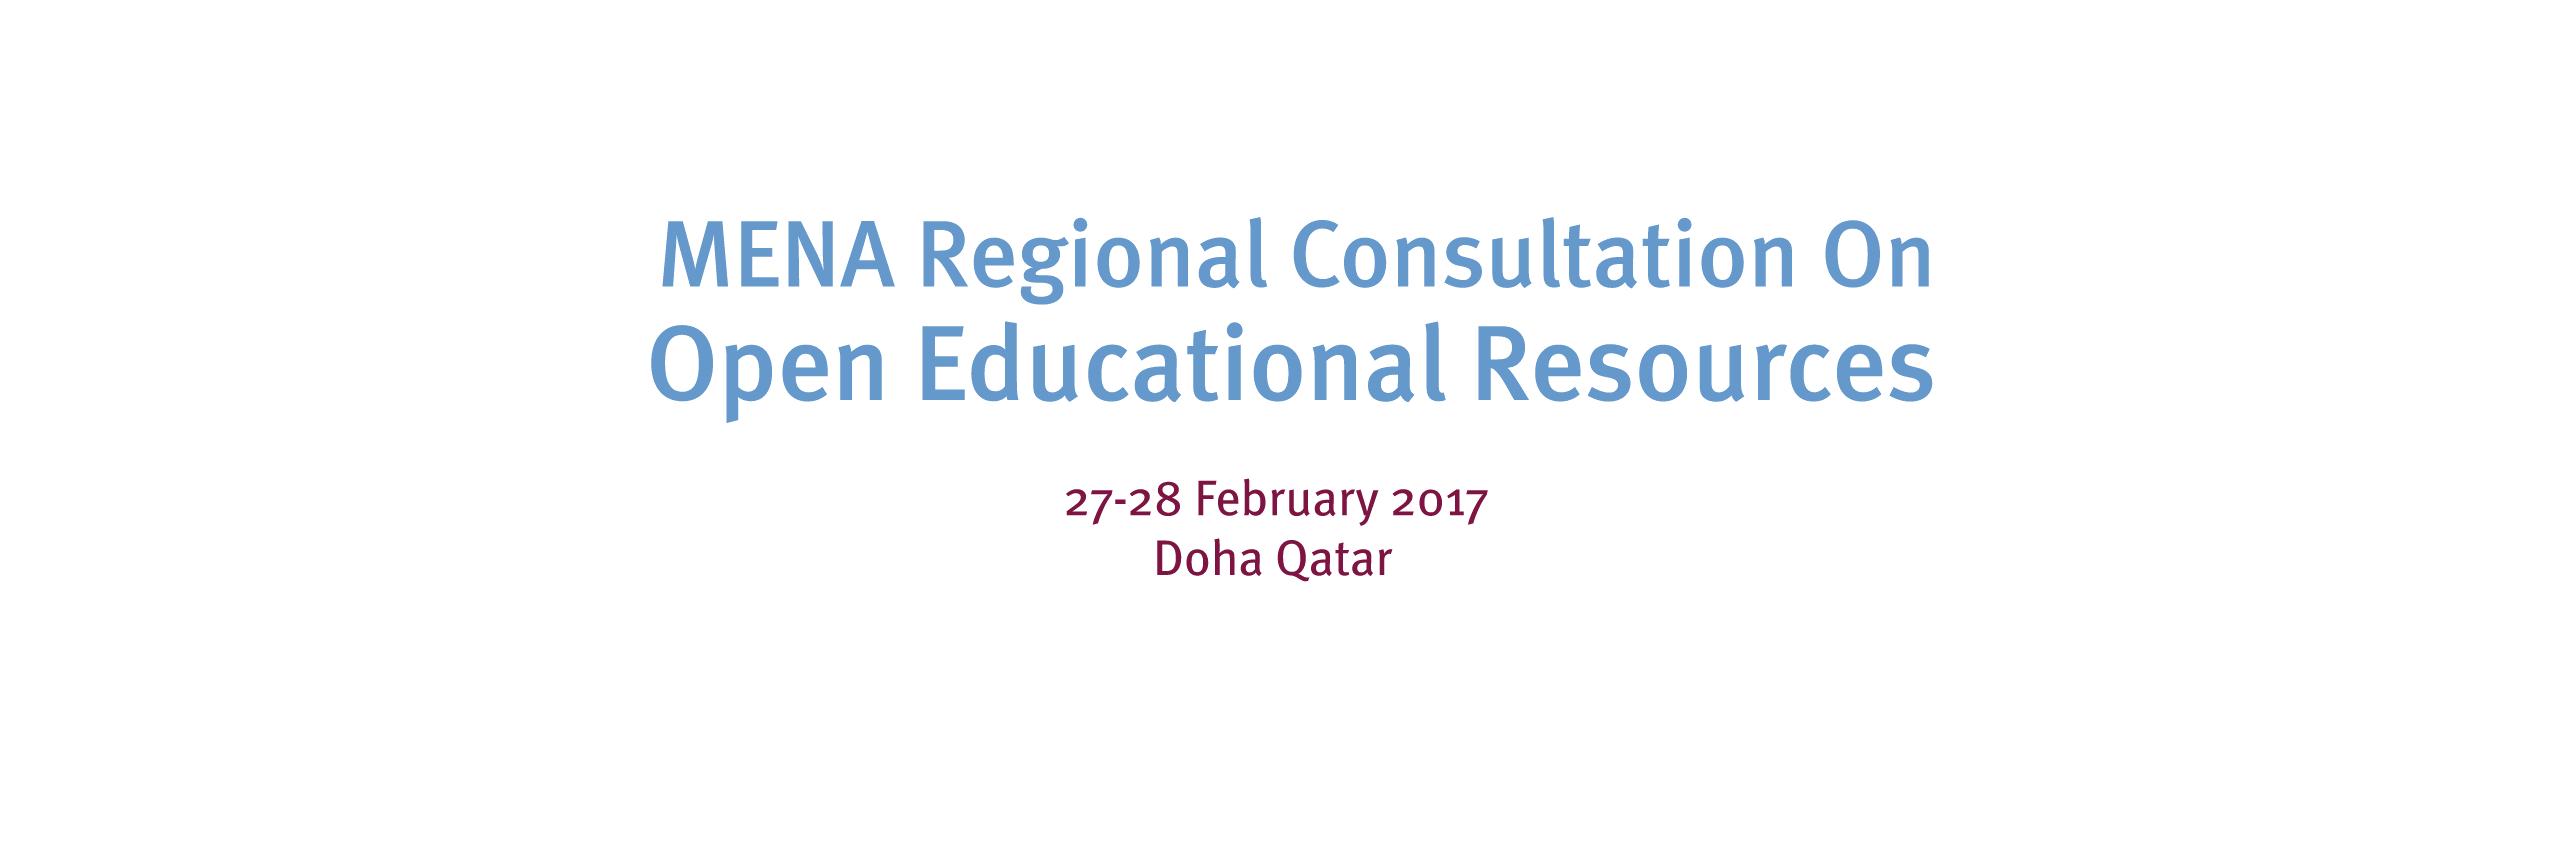 OER Consultation 2017